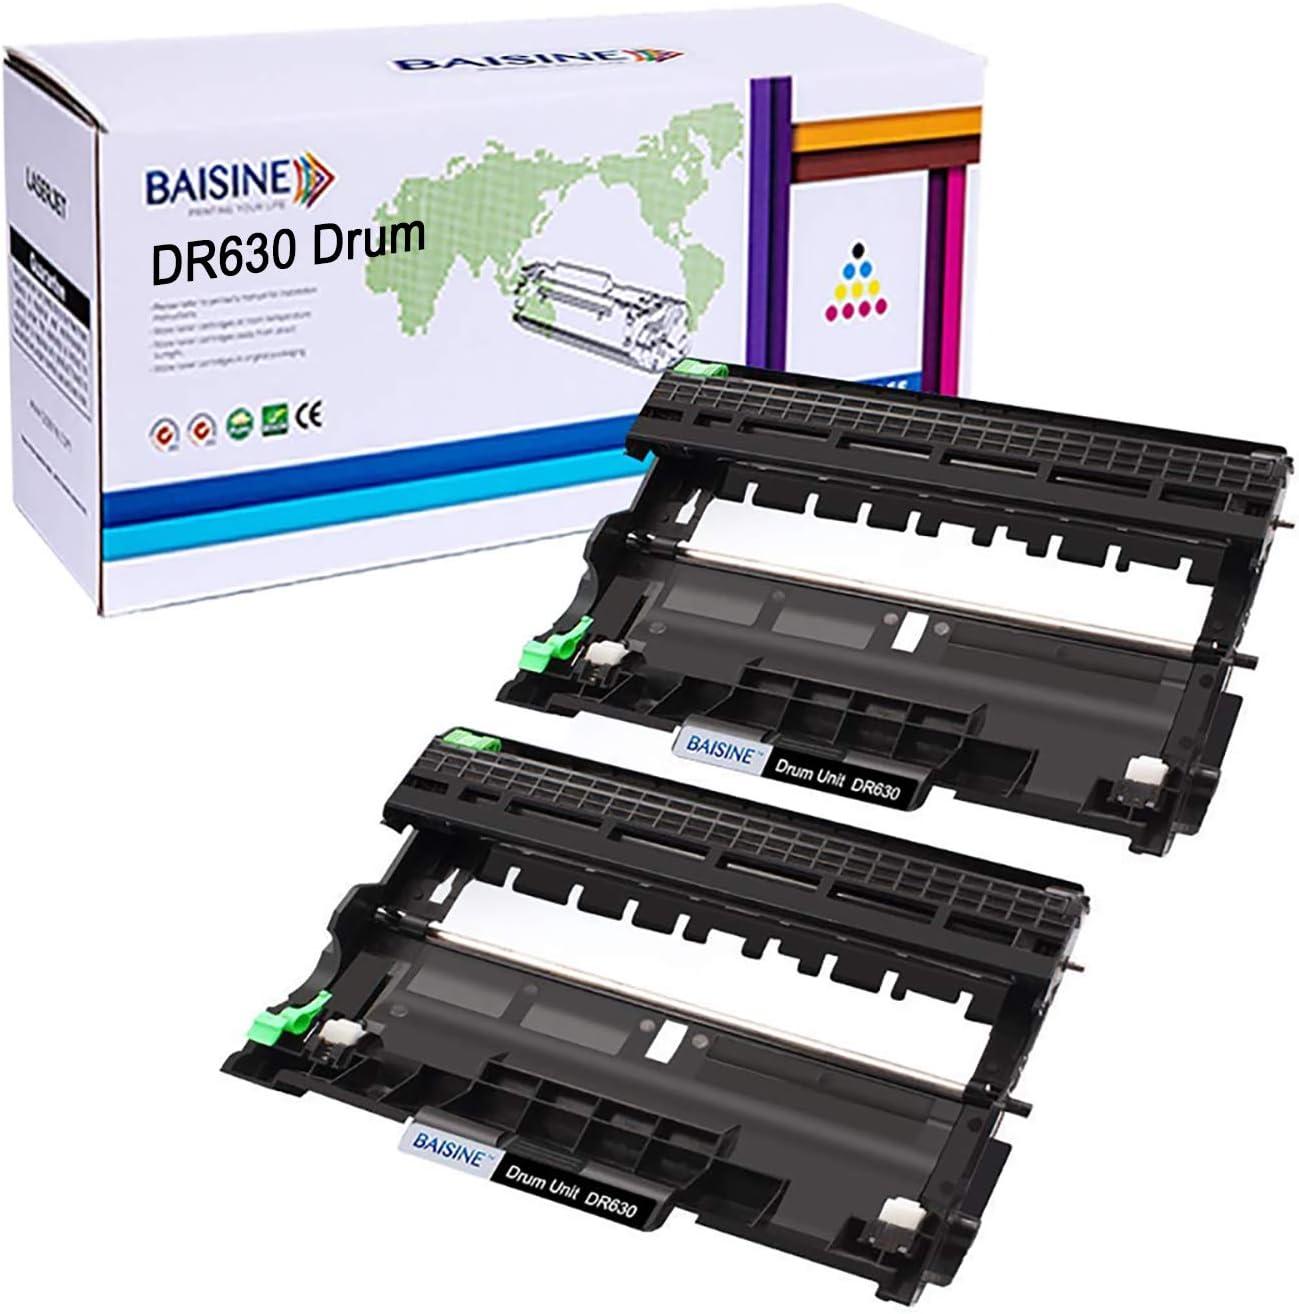 HL-2380DW Drum, BAISINE Compatible Drum Unit DR630 Replacement for Brother DR-630 DR630 for HL-L2300D HL-L2340DW HL-L2320D MFC-L2720DW DCP-L2540DW MFC-L2740DW HL-L2360DW MFCL2685DW MFCL2700DW (2-Pack)